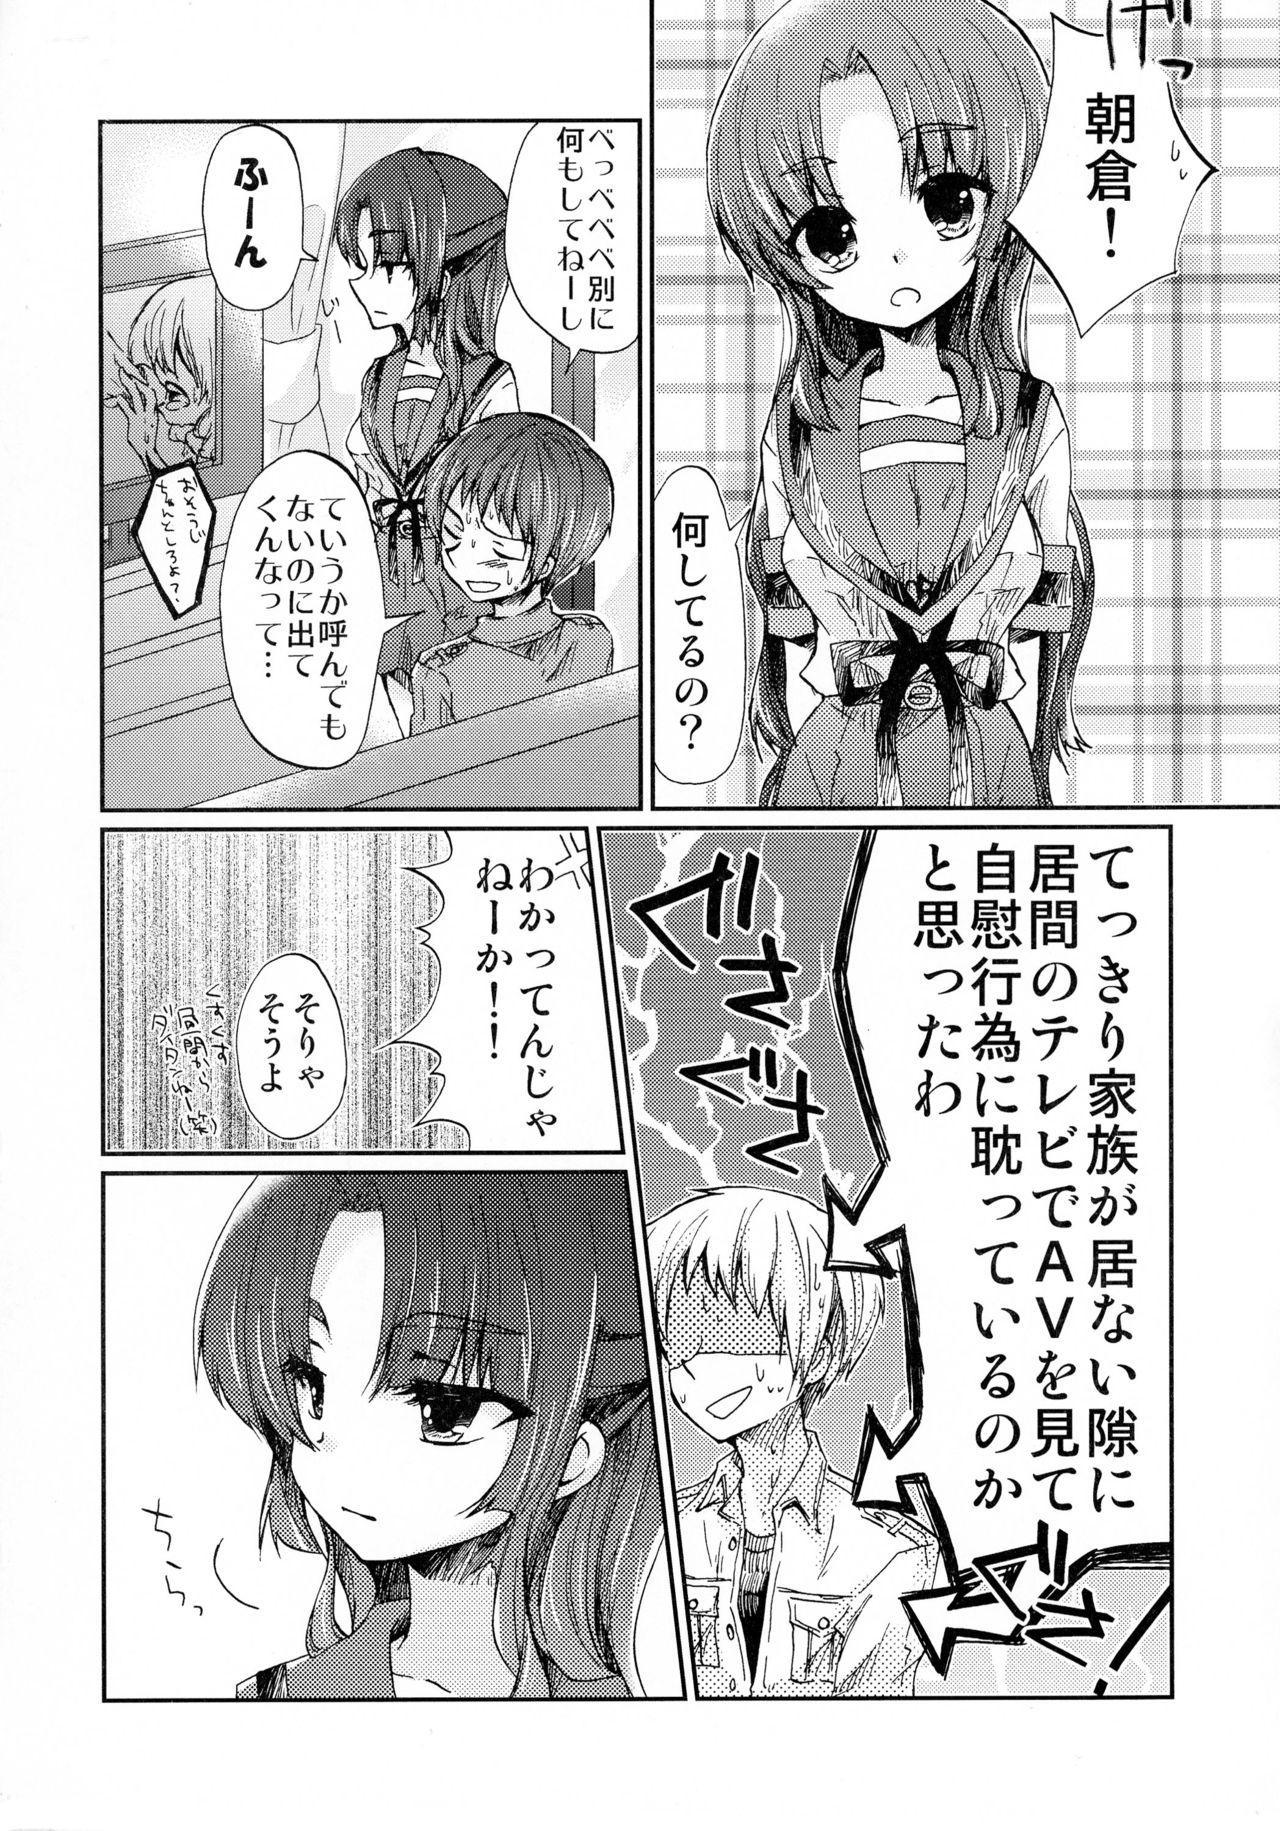 (C80) [MYONLYONE (Kureha Eiko)] Asakura-san to o Uchi de Nyan-Nyan suru Hon (Suzumiya Haruhi no Yuuutsu) 5